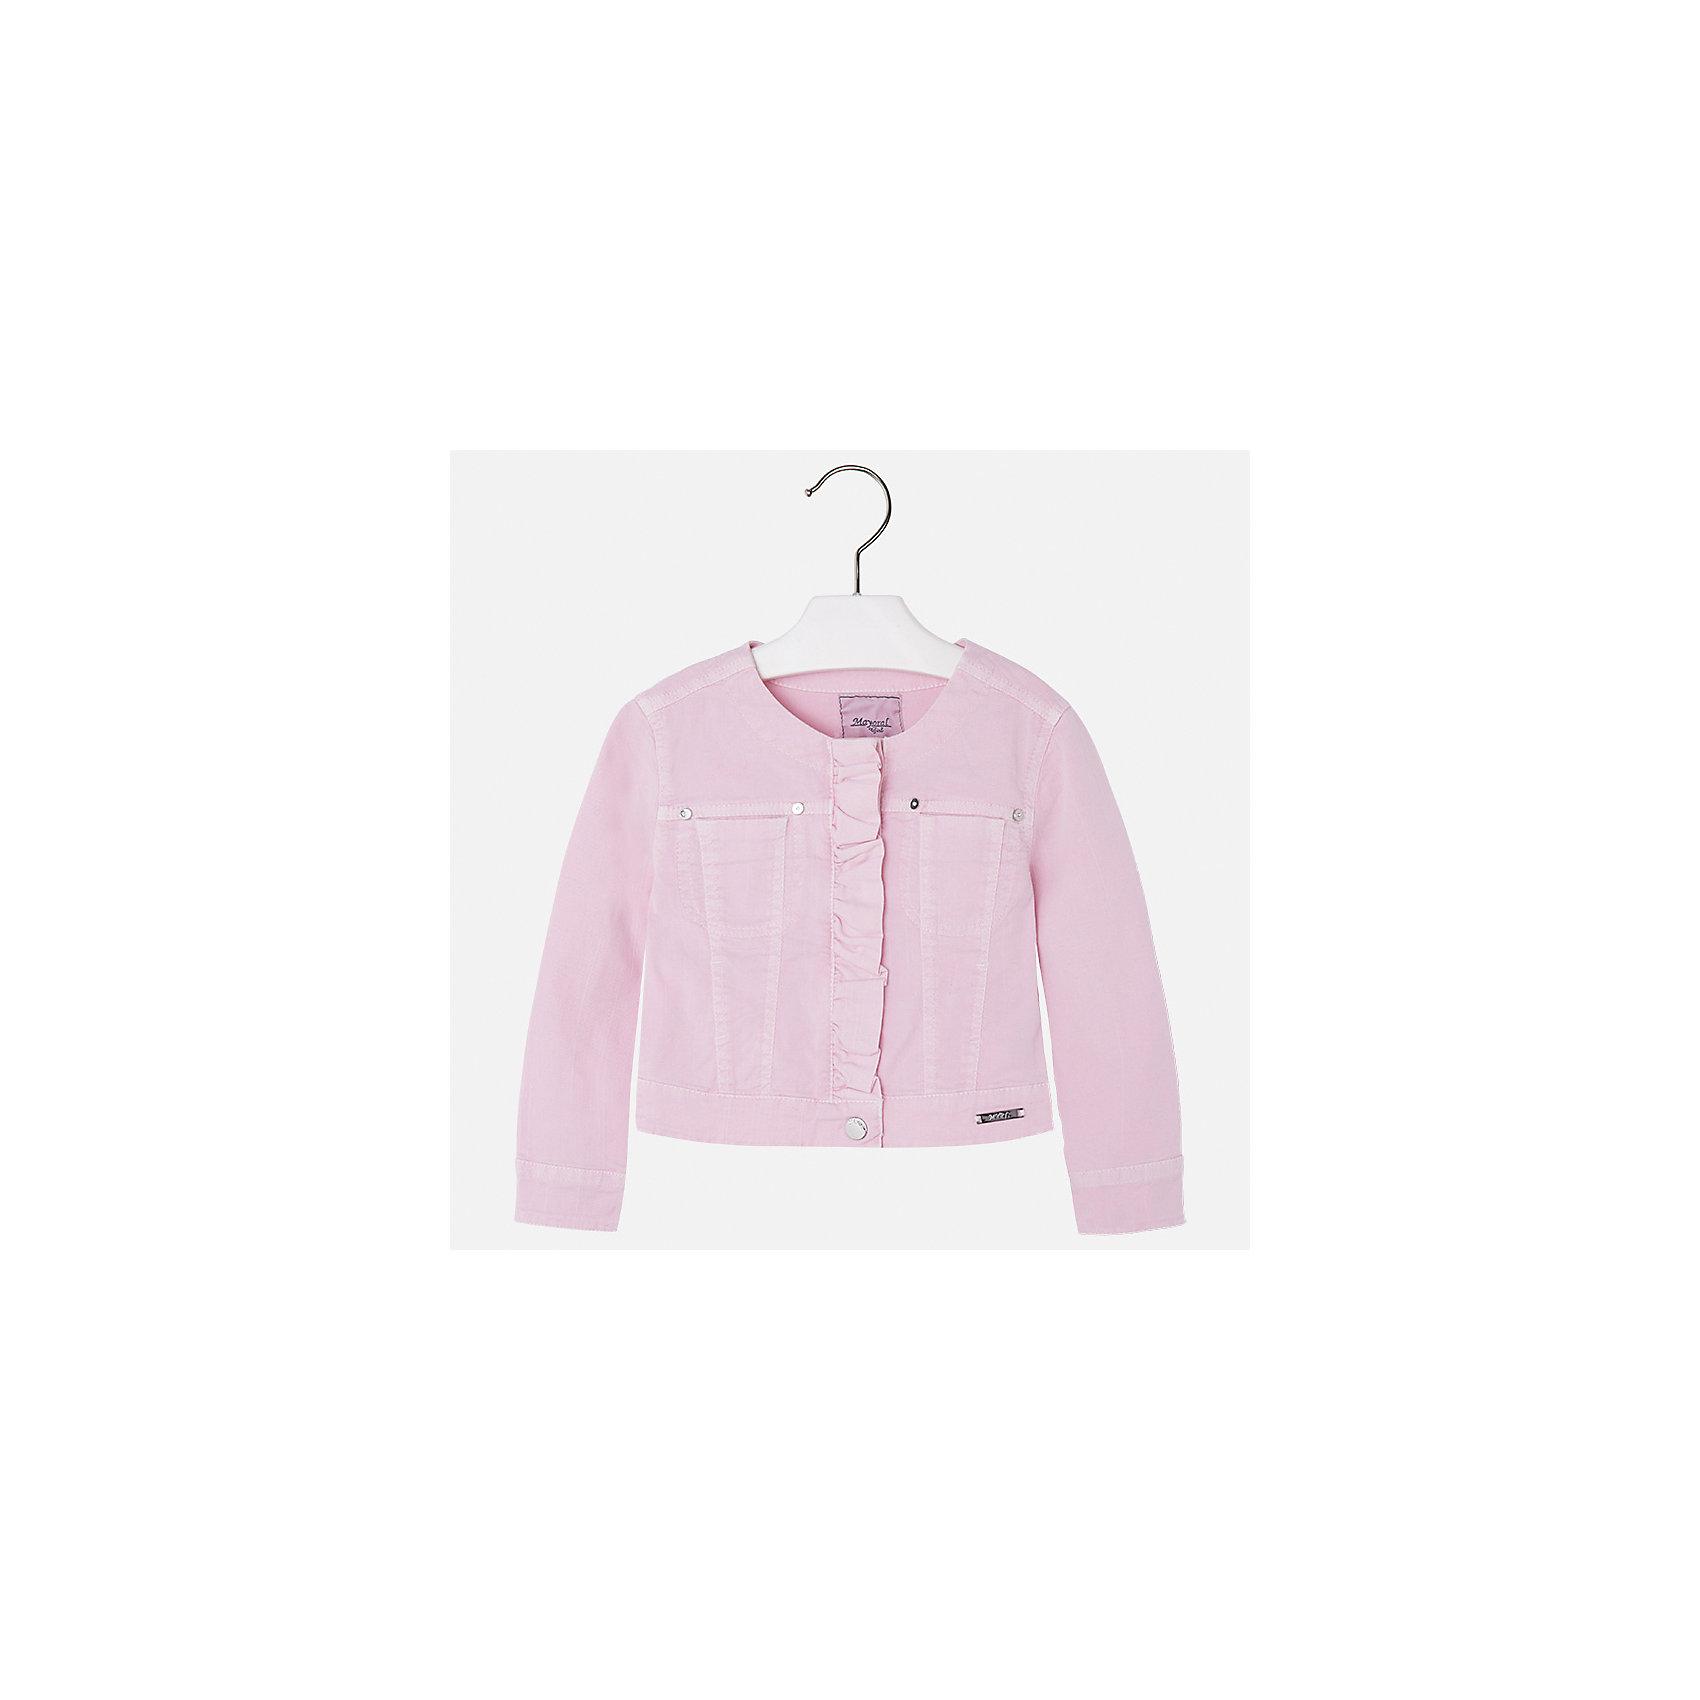 Куртка для девочки MayoralВерхняя одежда<br>Характеристики товара:<br><br>• цвет: розовый<br>• состав: 98% хлопок, 2% эластан<br>• планка<br>• карманы<br>• с длинными рукавами <br>• украшена оборкой<br>• страна бренда: Испания<br><br>Стильная куртка для девочки поможет разнообразить гардероб ребенка и обеспечить тепло в прохладную погоду. Она отлично сочетается и с юбками, и с брюками. Красивый цвет позволяет подобрать к вещи низ различных расцветок. Интересная отделка модели делает её нарядной и стильной. Оригинальной и модной куртку делает оборка на планке.<br><br>Одежда, обувь и аксессуары от испанского бренда Mayoral полюбились детям и взрослым по всему миру. Модели этой марки - стильные и удобные. Для их производства используются только безопасные, качественные материалы и фурнитура. Порадуйте ребенка модными и красивыми вещами от Mayoral! <br><br>Куртку для девочки от испанского бренда Mayoral (Майорал) можно купить в нашем интернет-магазине.<br><br>Ширина мм: 356<br>Глубина мм: 10<br>Высота мм: 245<br>Вес г: 519<br>Цвет: розовый<br>Возраст от месяцев: 96<br>Возраст до месяцев: 108<br>Пол: Женский<br>Возраст: Детский<br>Размер: 134,92,98,104,110,116,122,128<br>SKU: 5290100